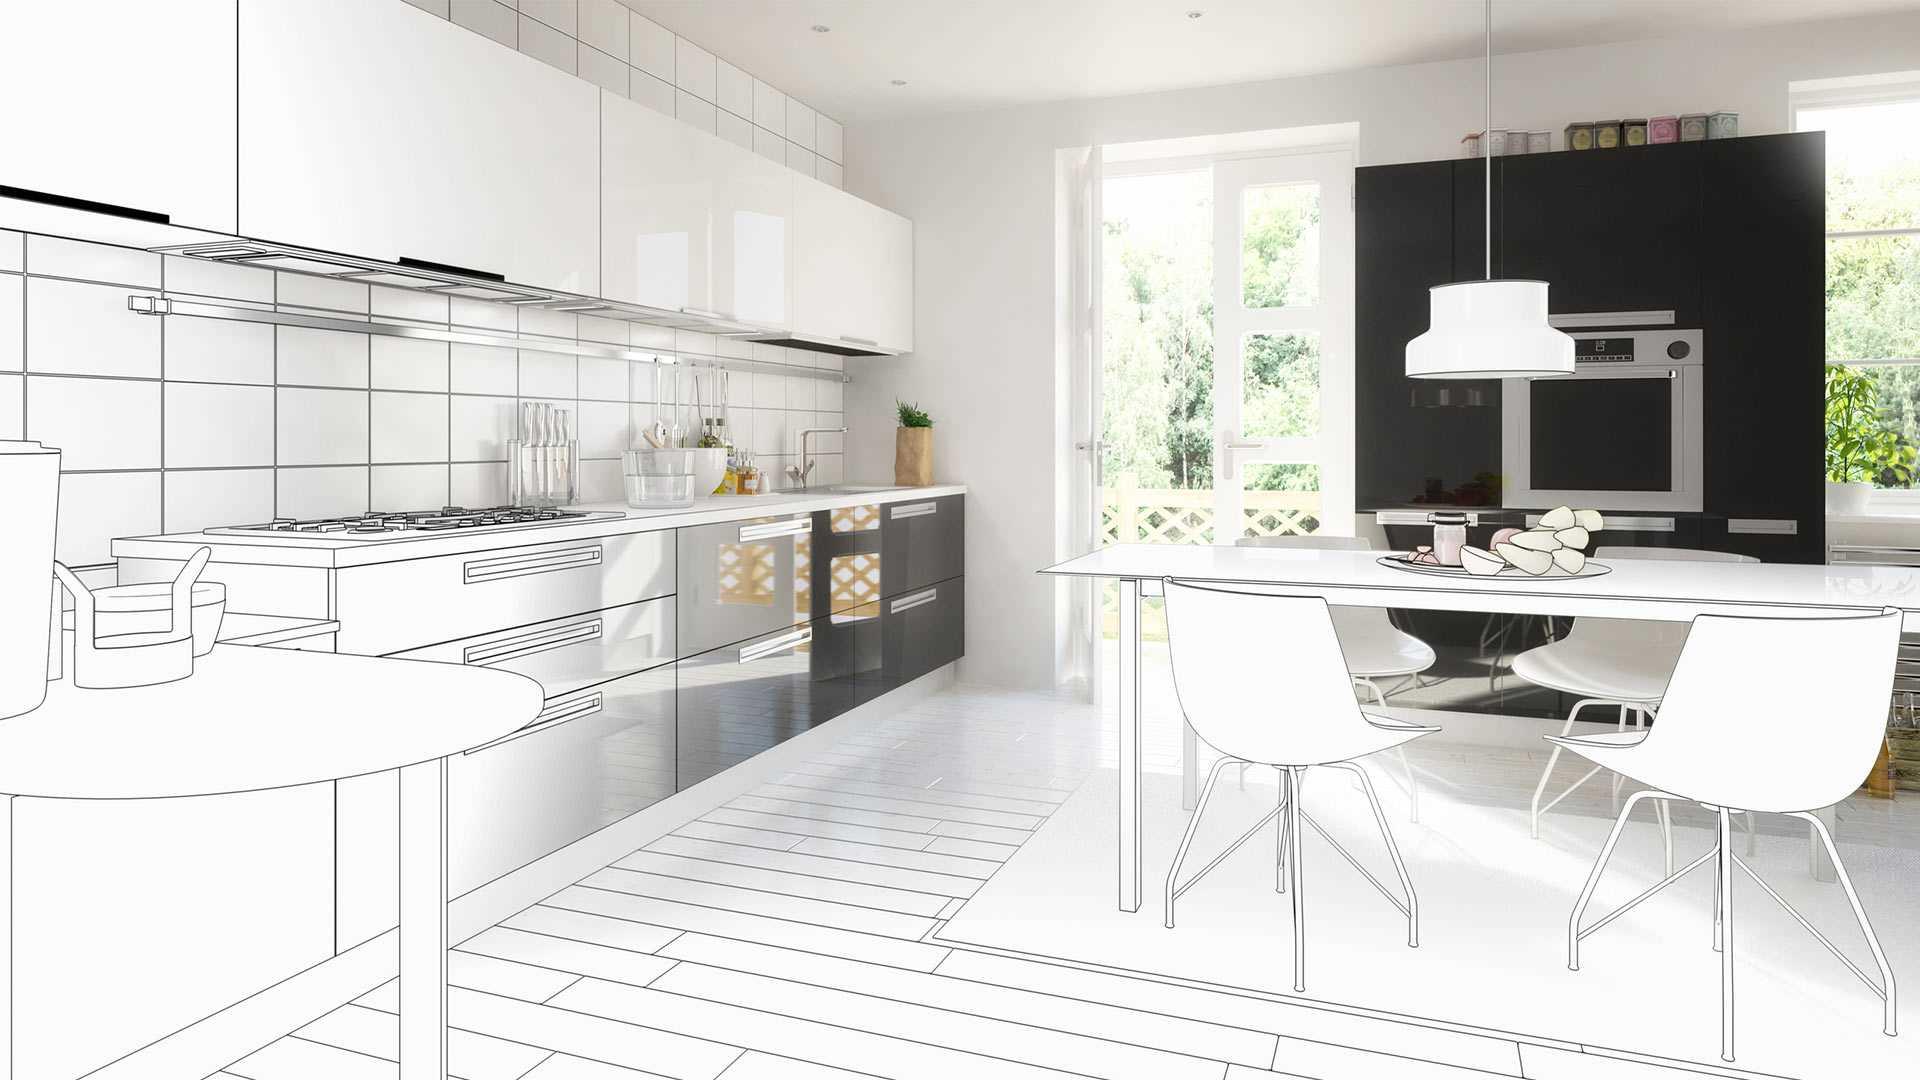 Offene oder geschlossene Küche? | Ratgeber gibt ...